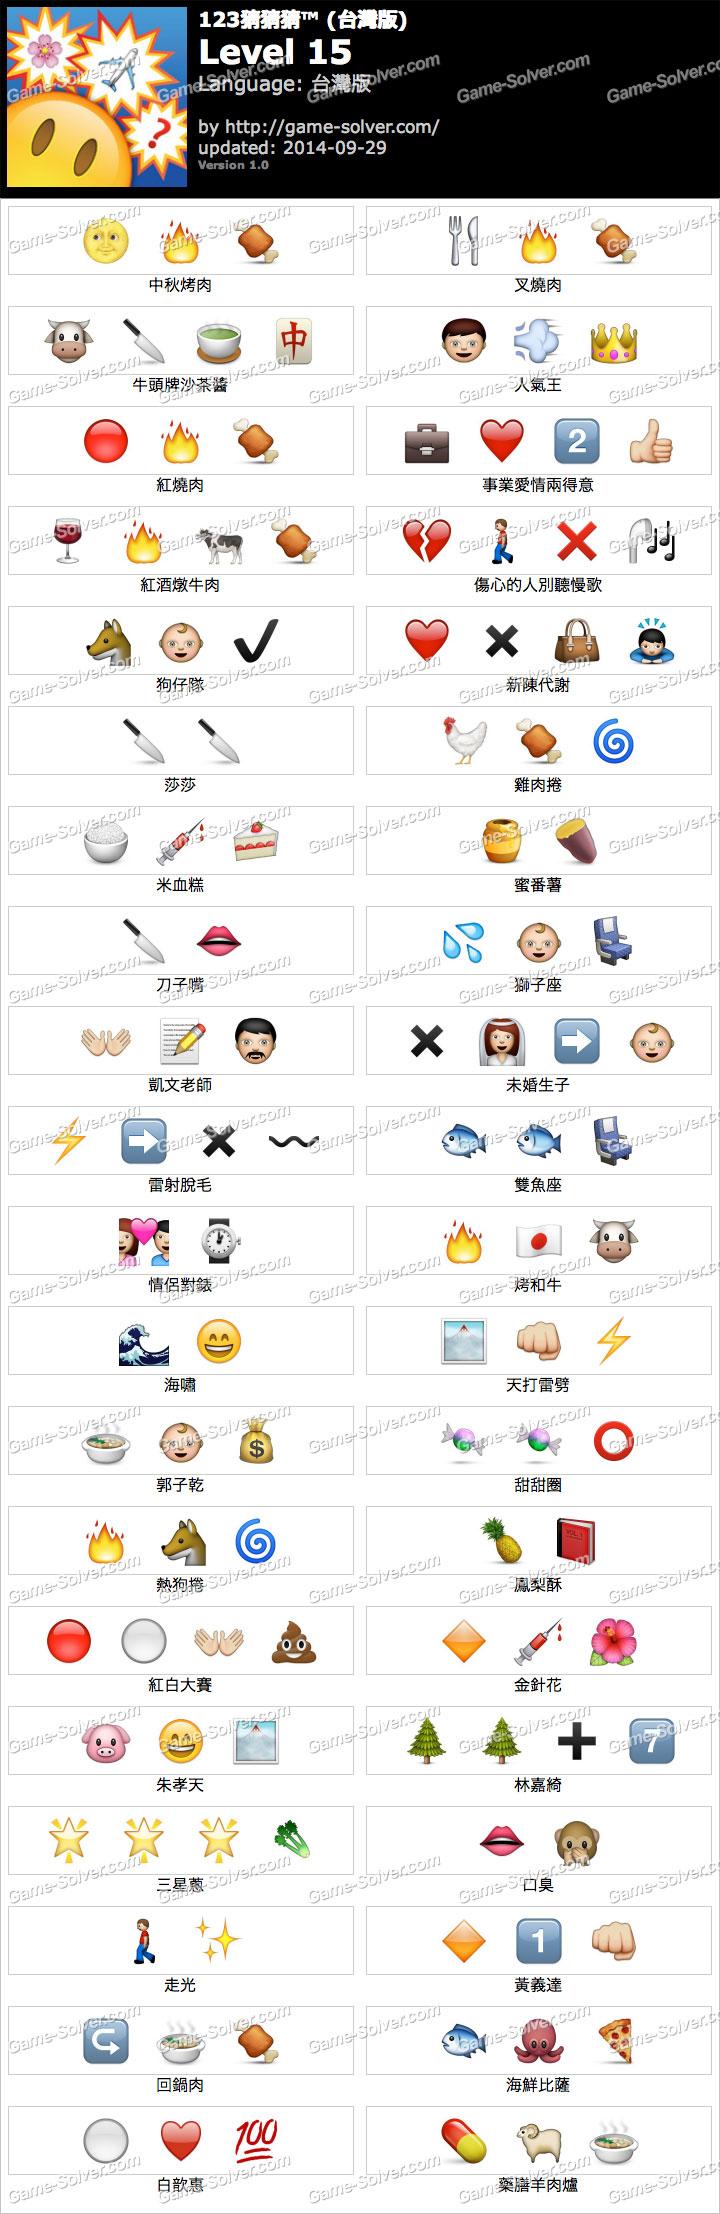 123猜猜猜台灣版答案等級15